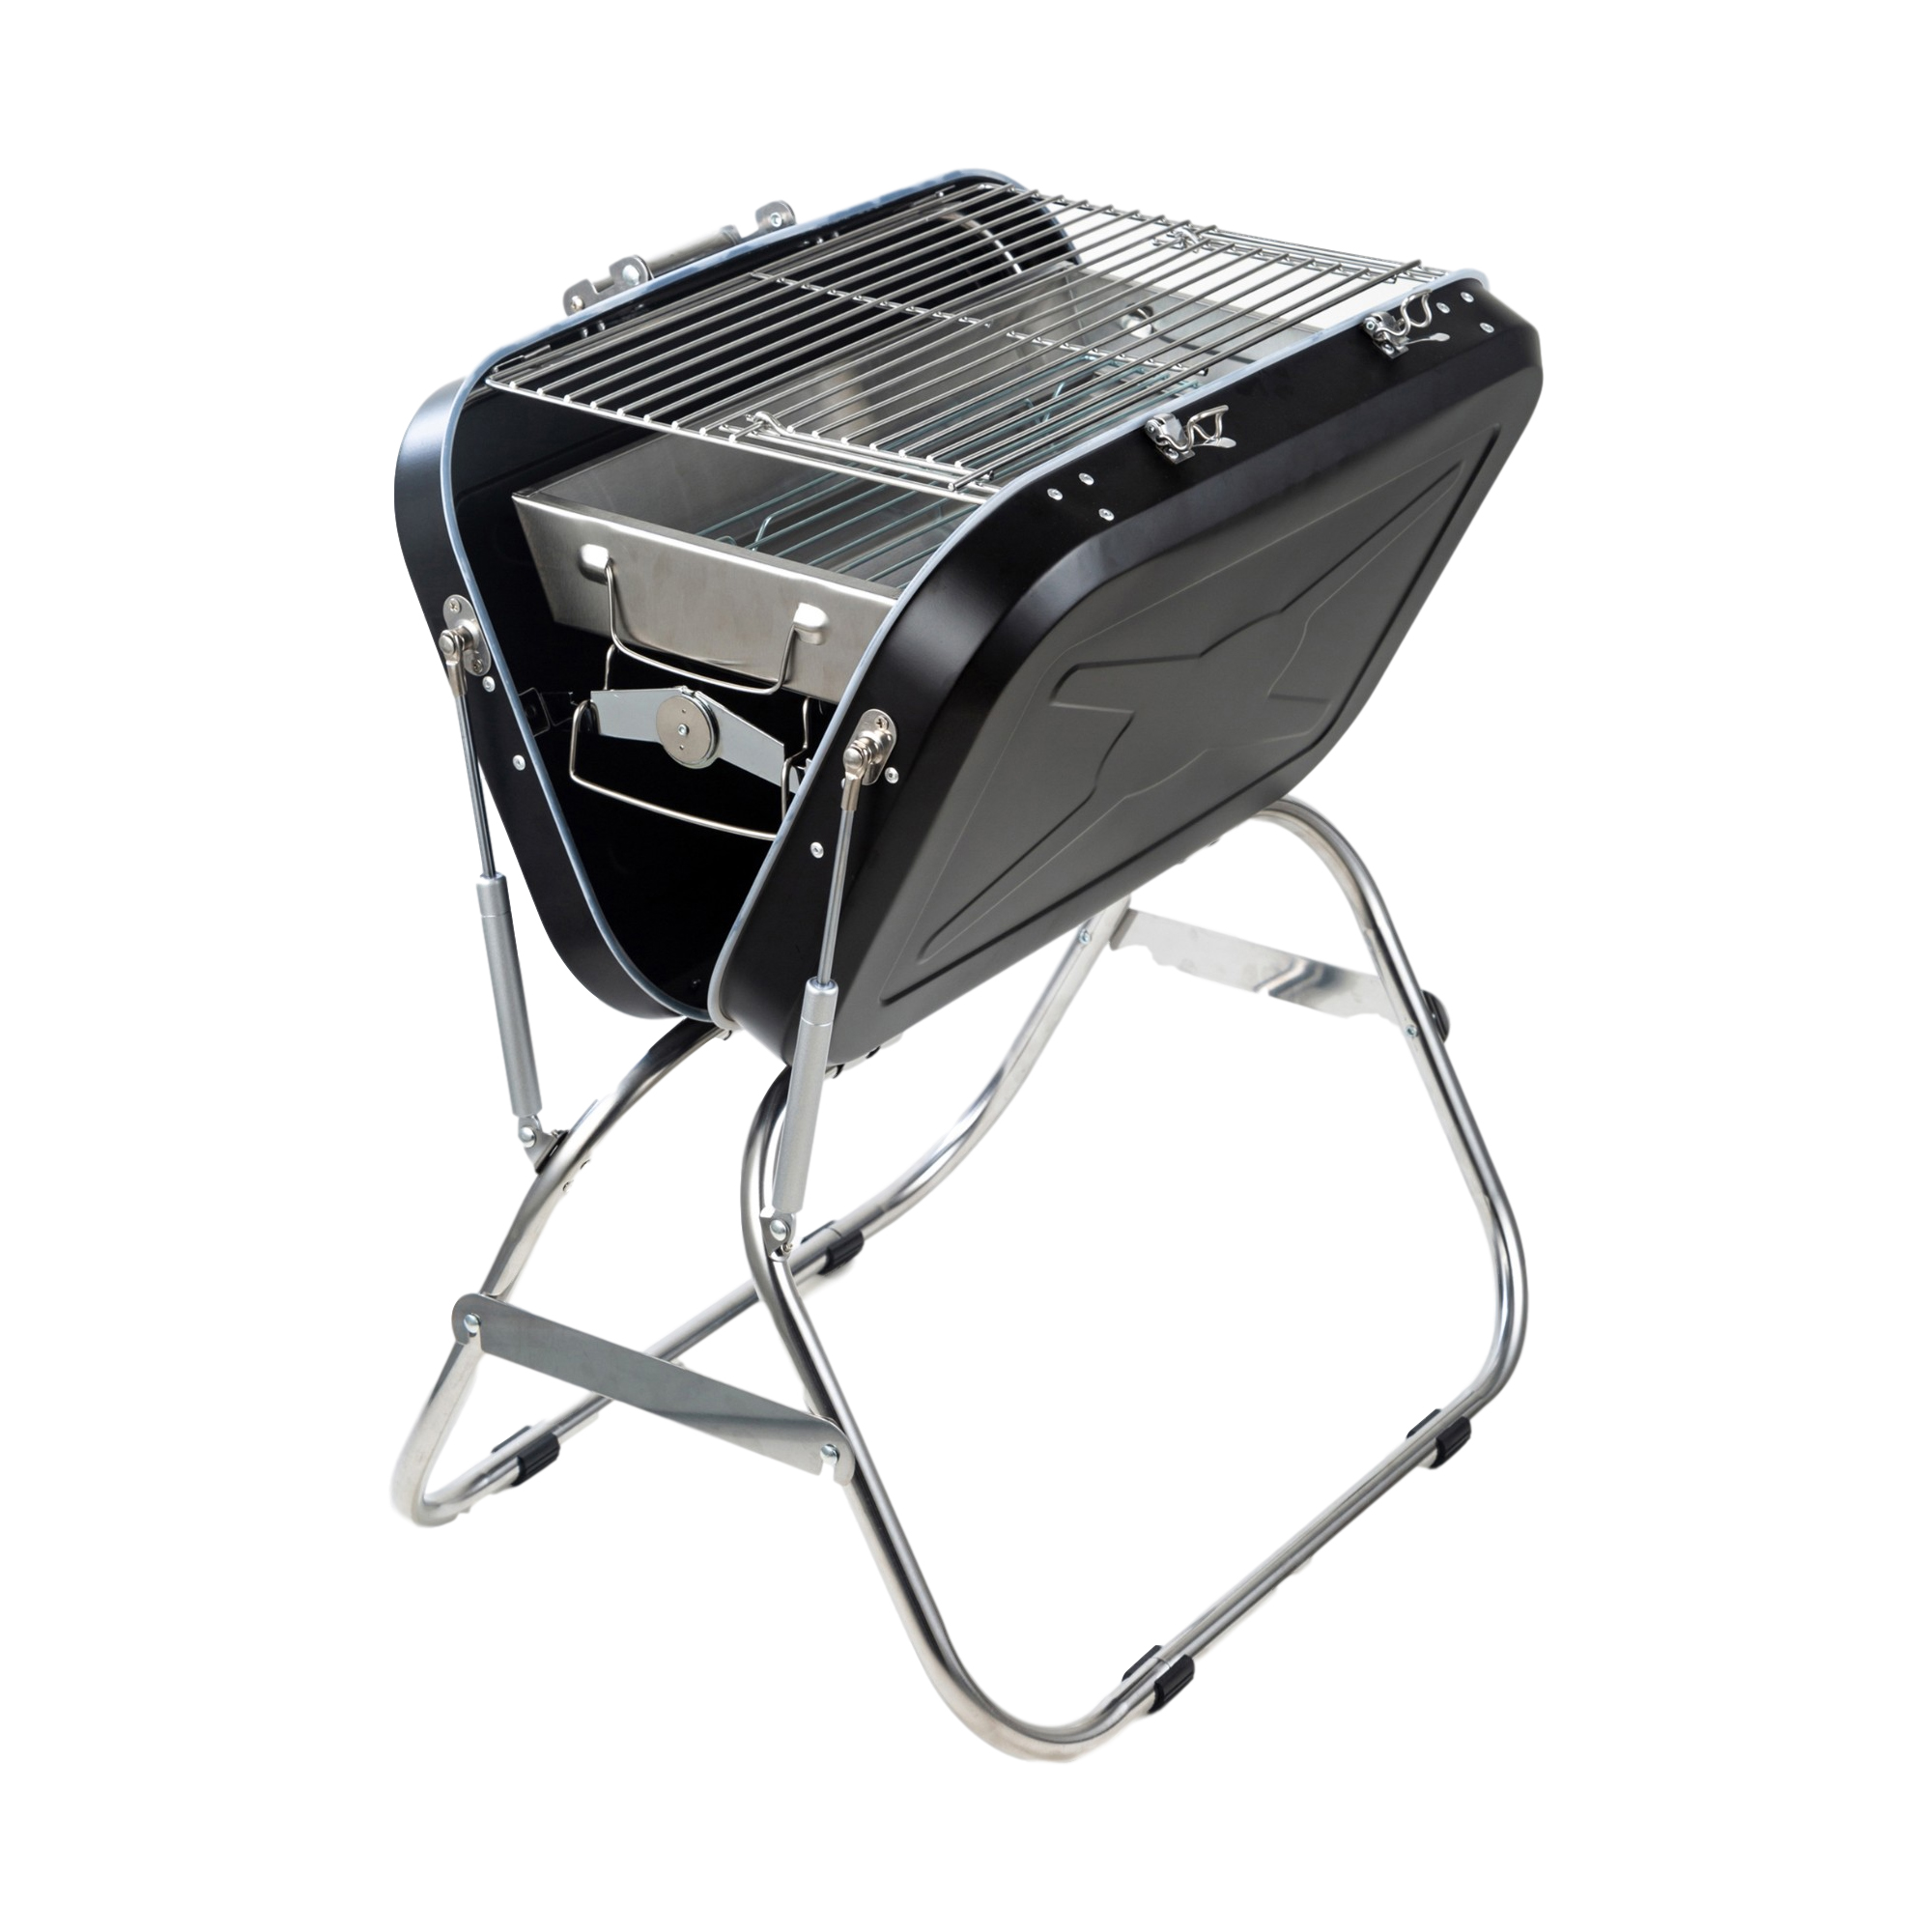 便携式户外烧烤架家用不锈钢烧烤架 - 黑色